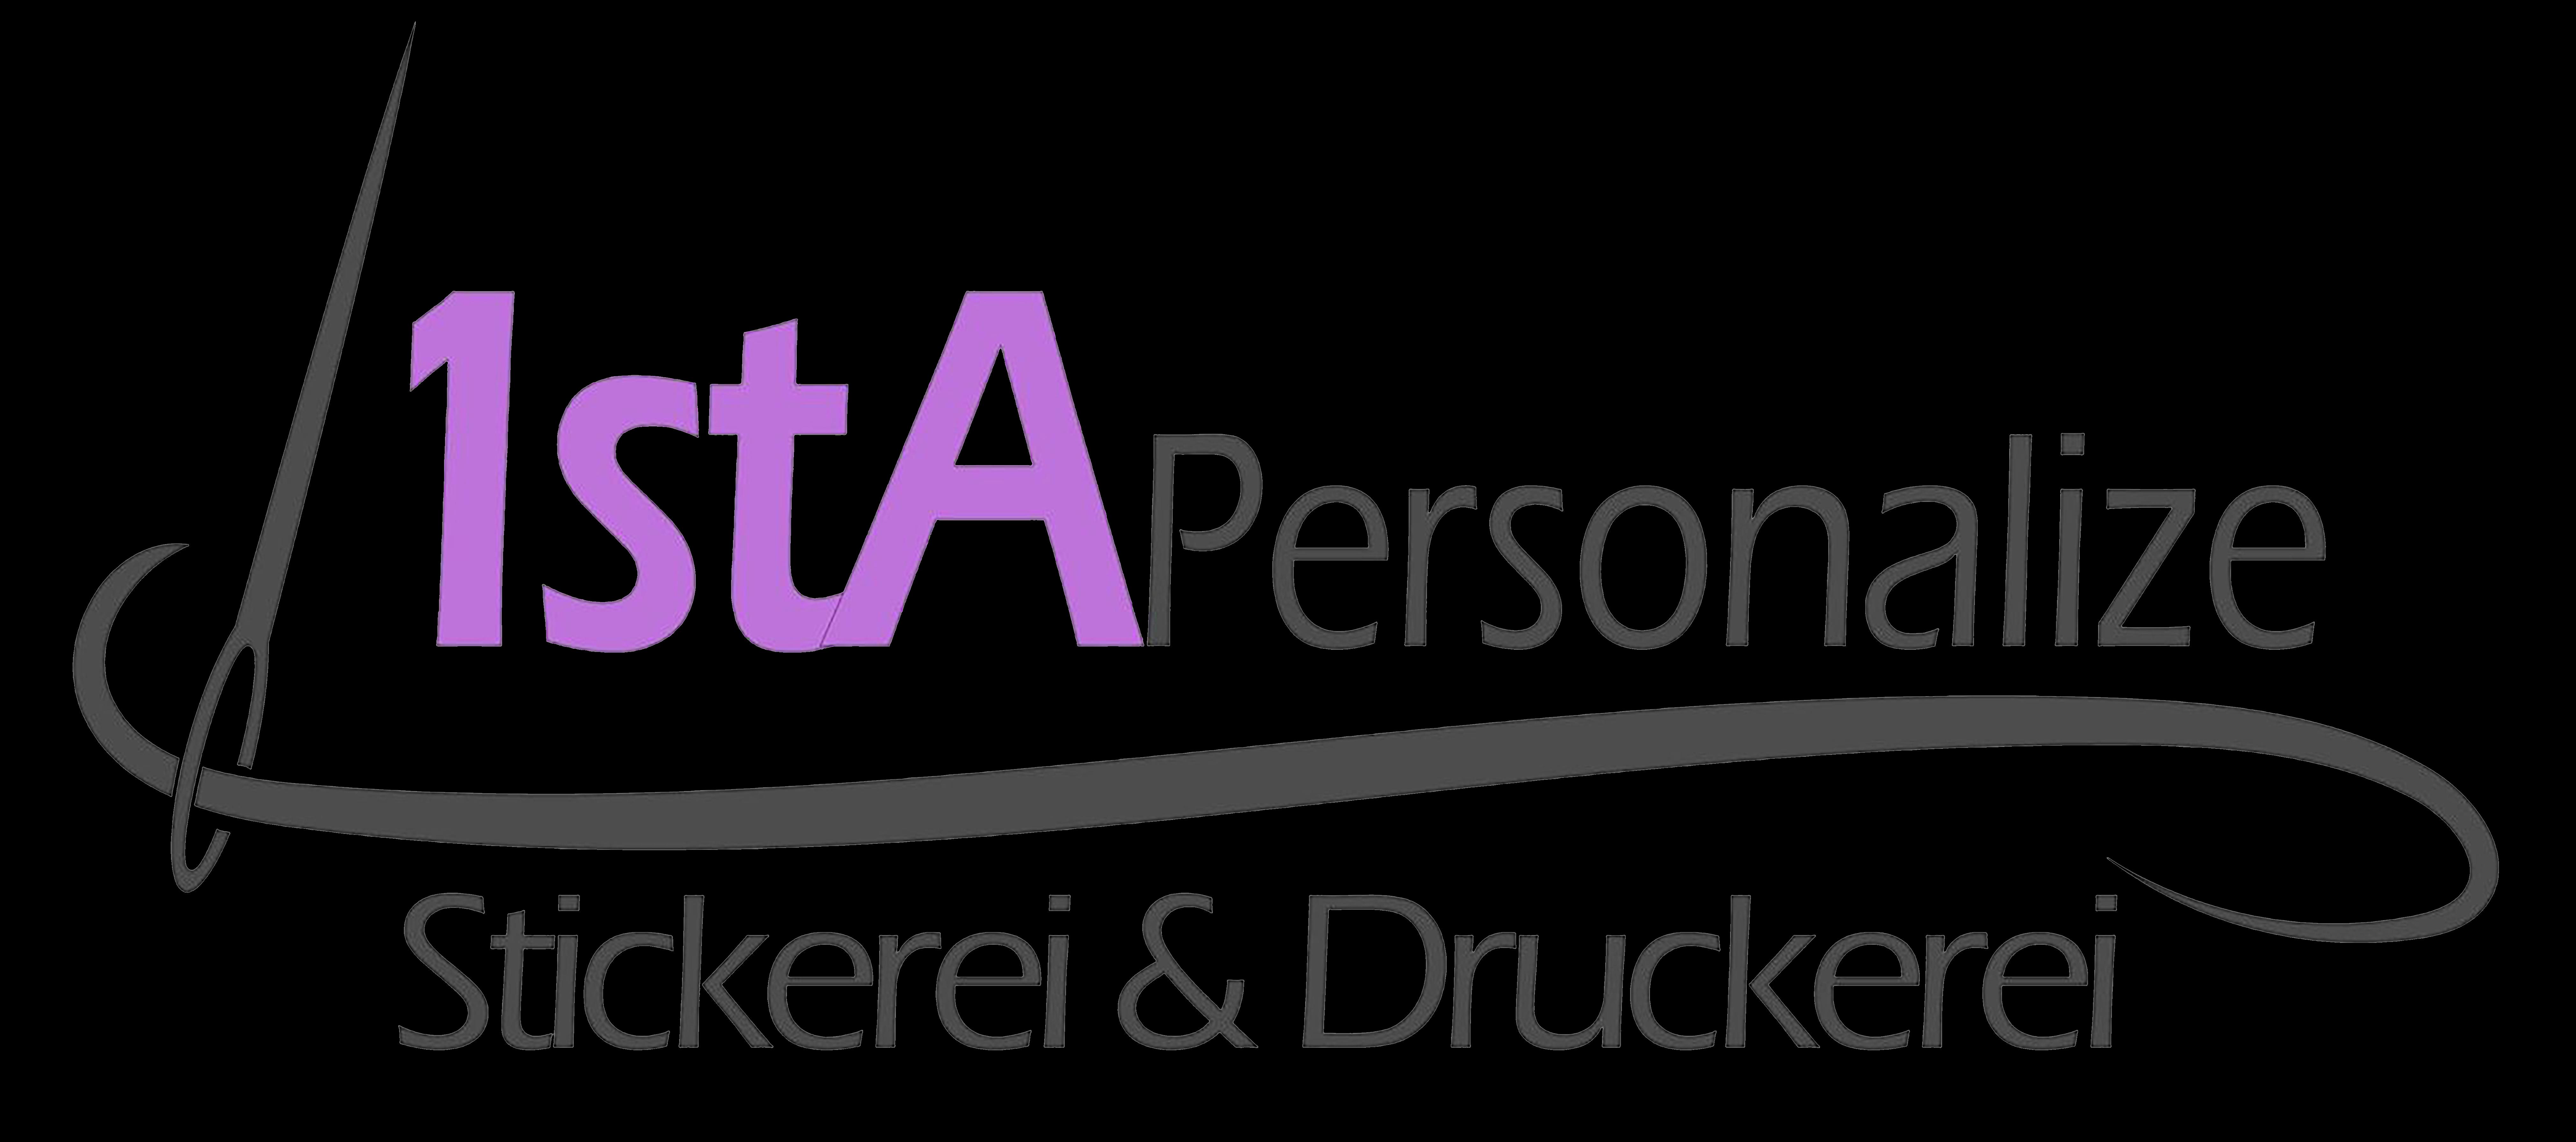 1stA Personalize